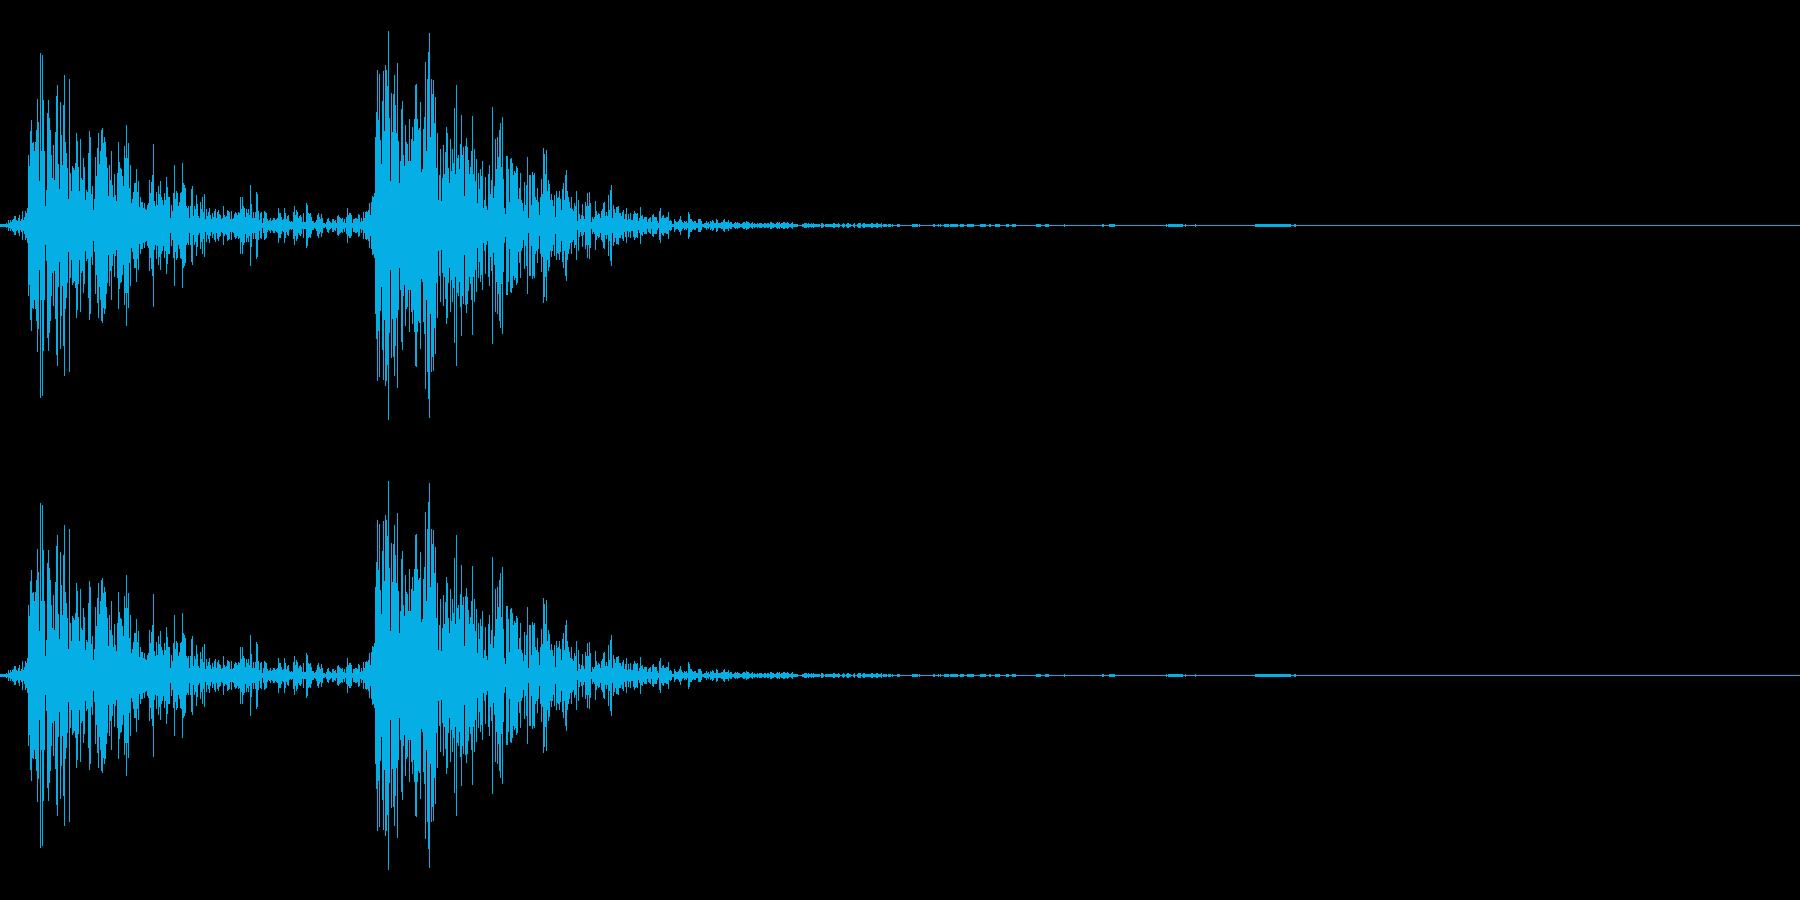 レトロゲームの宝箱を開ける音の再生済みの波形